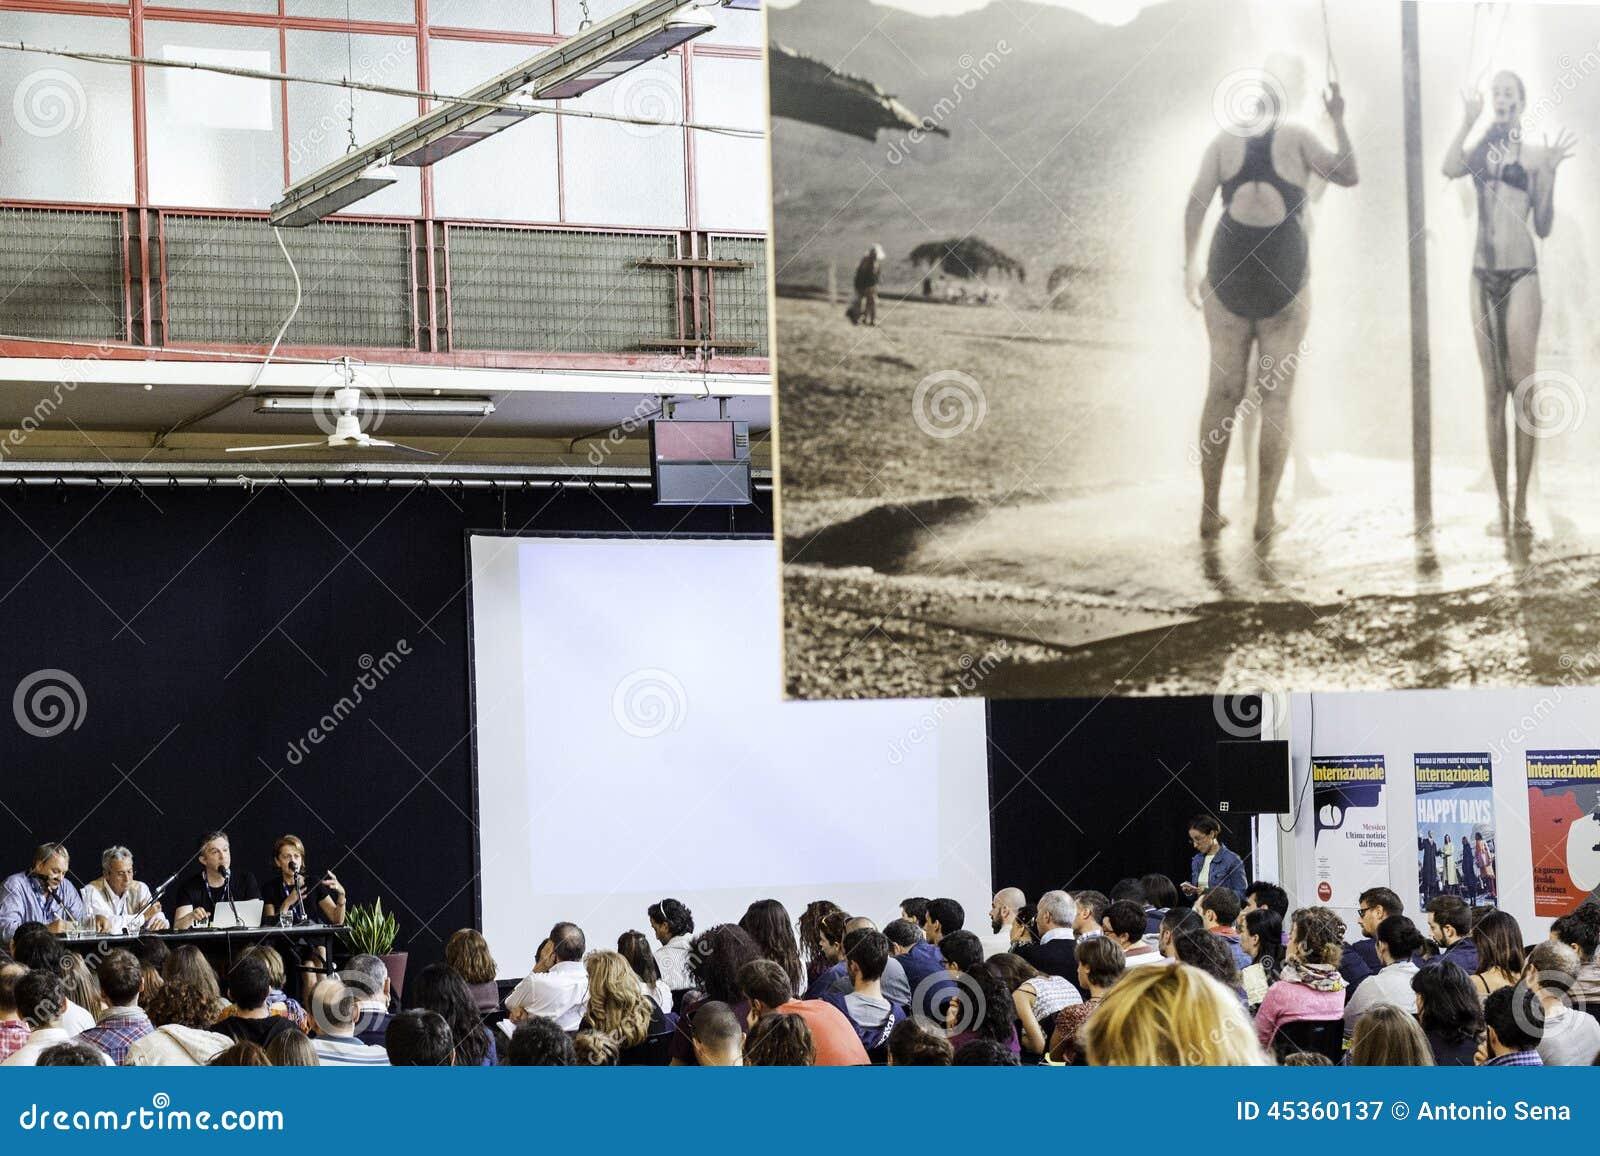 Festa di Internazionale à Ferrare : Mercato Coperto dans le forum de journaliste de photo avec le dulye de giles